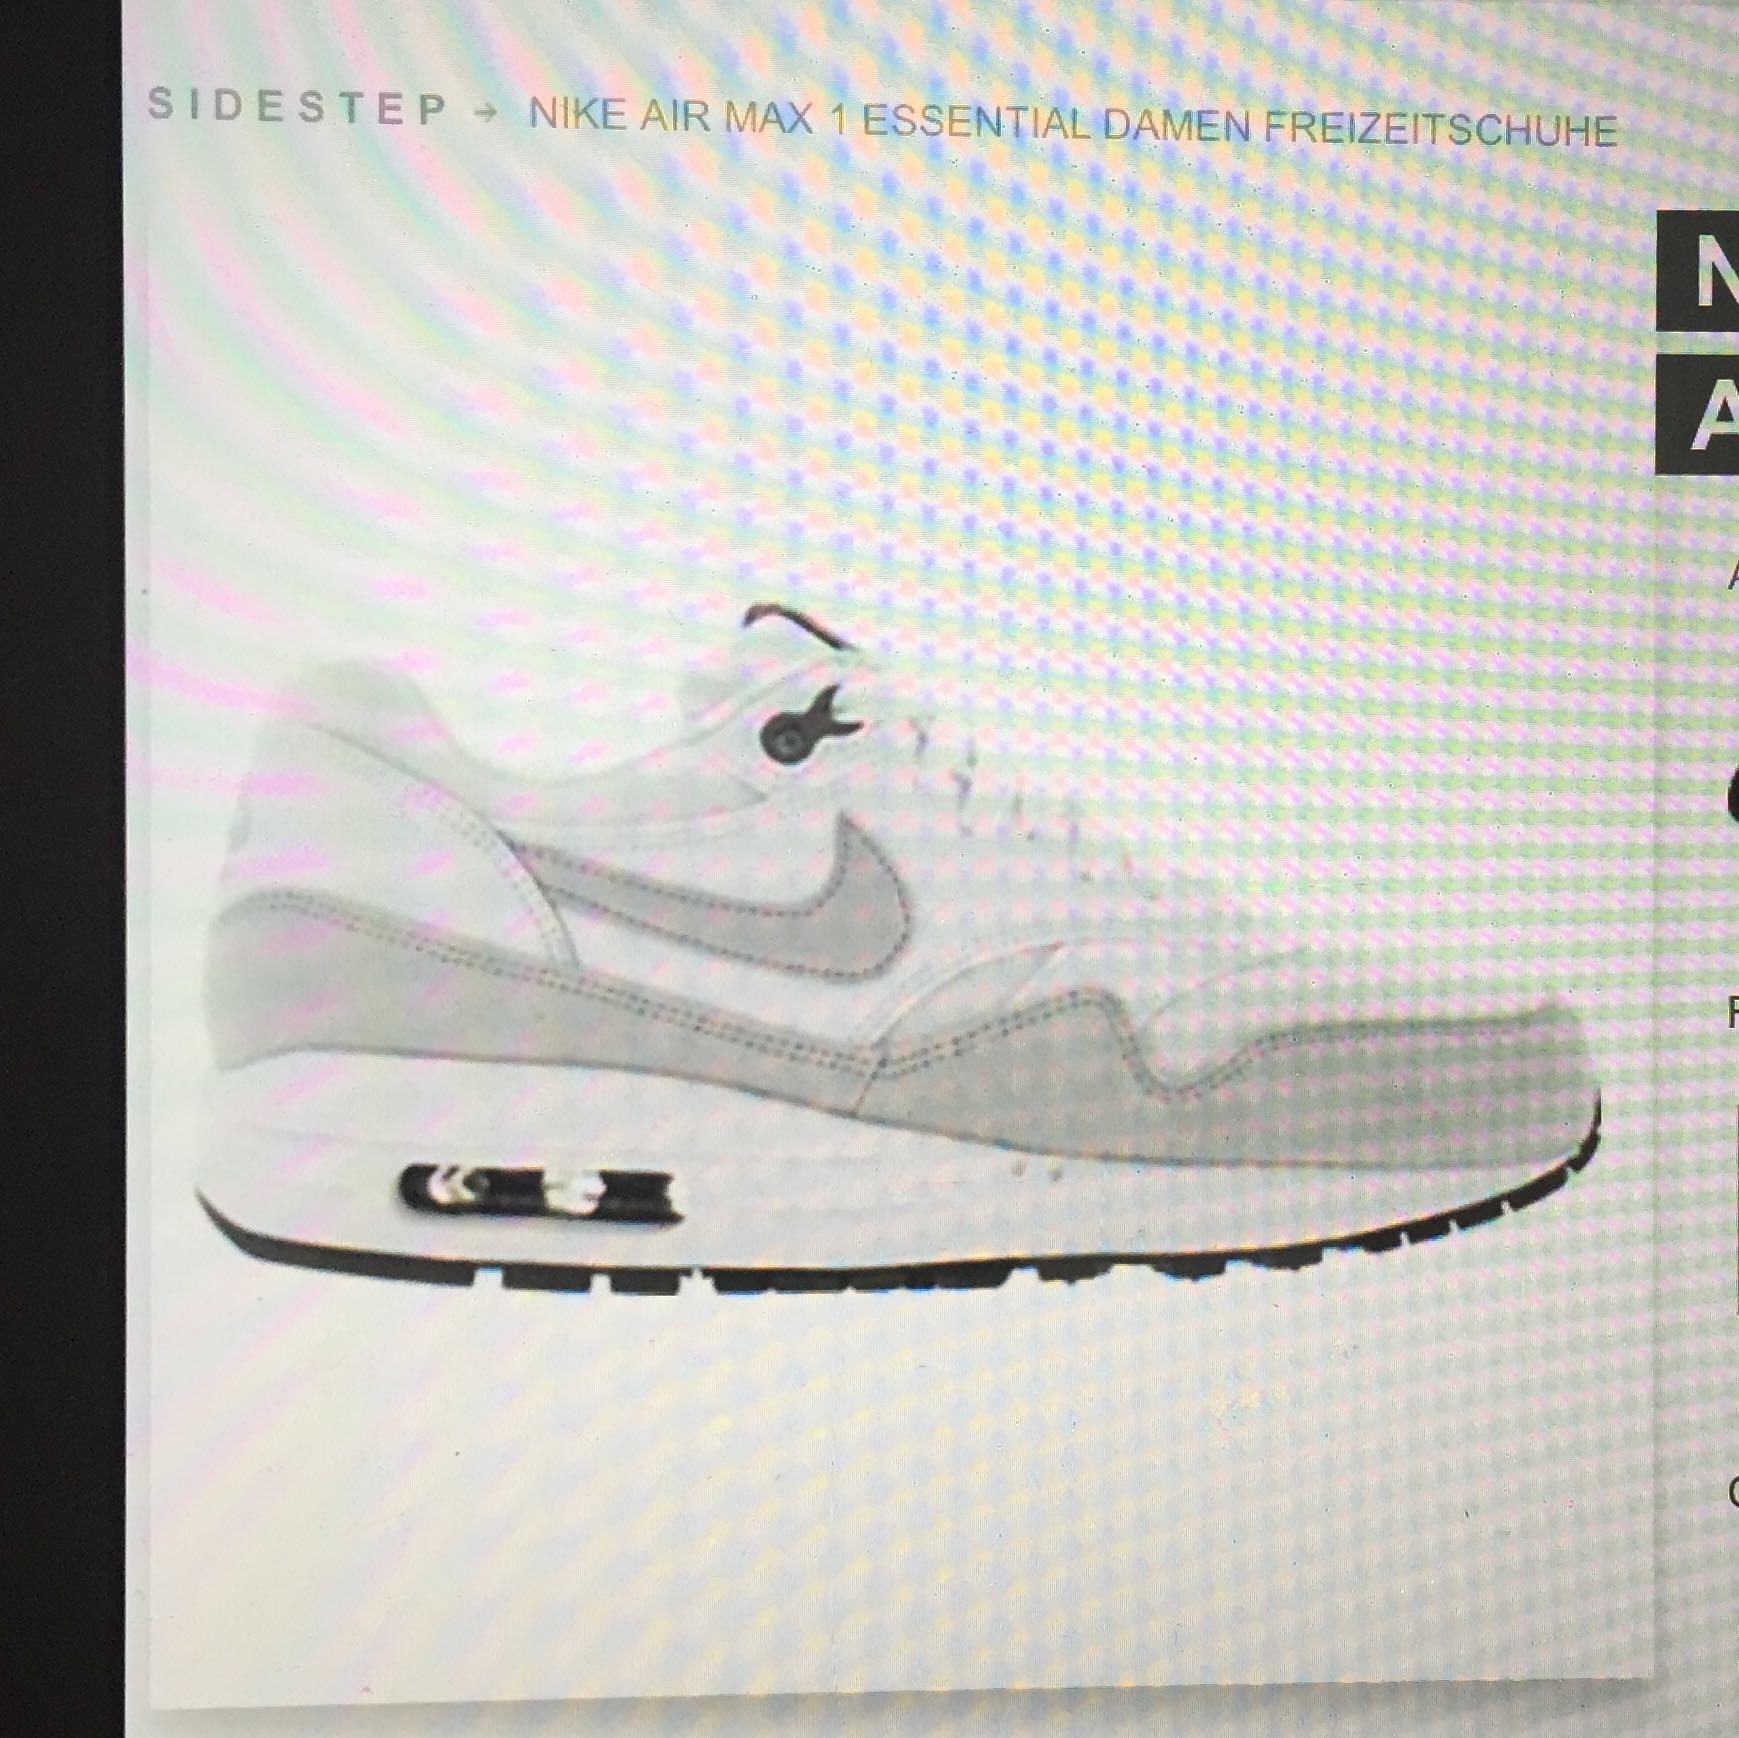 Nike air Max 1 Essentail, wie fallen sie aus? (Schuhe, Größe)